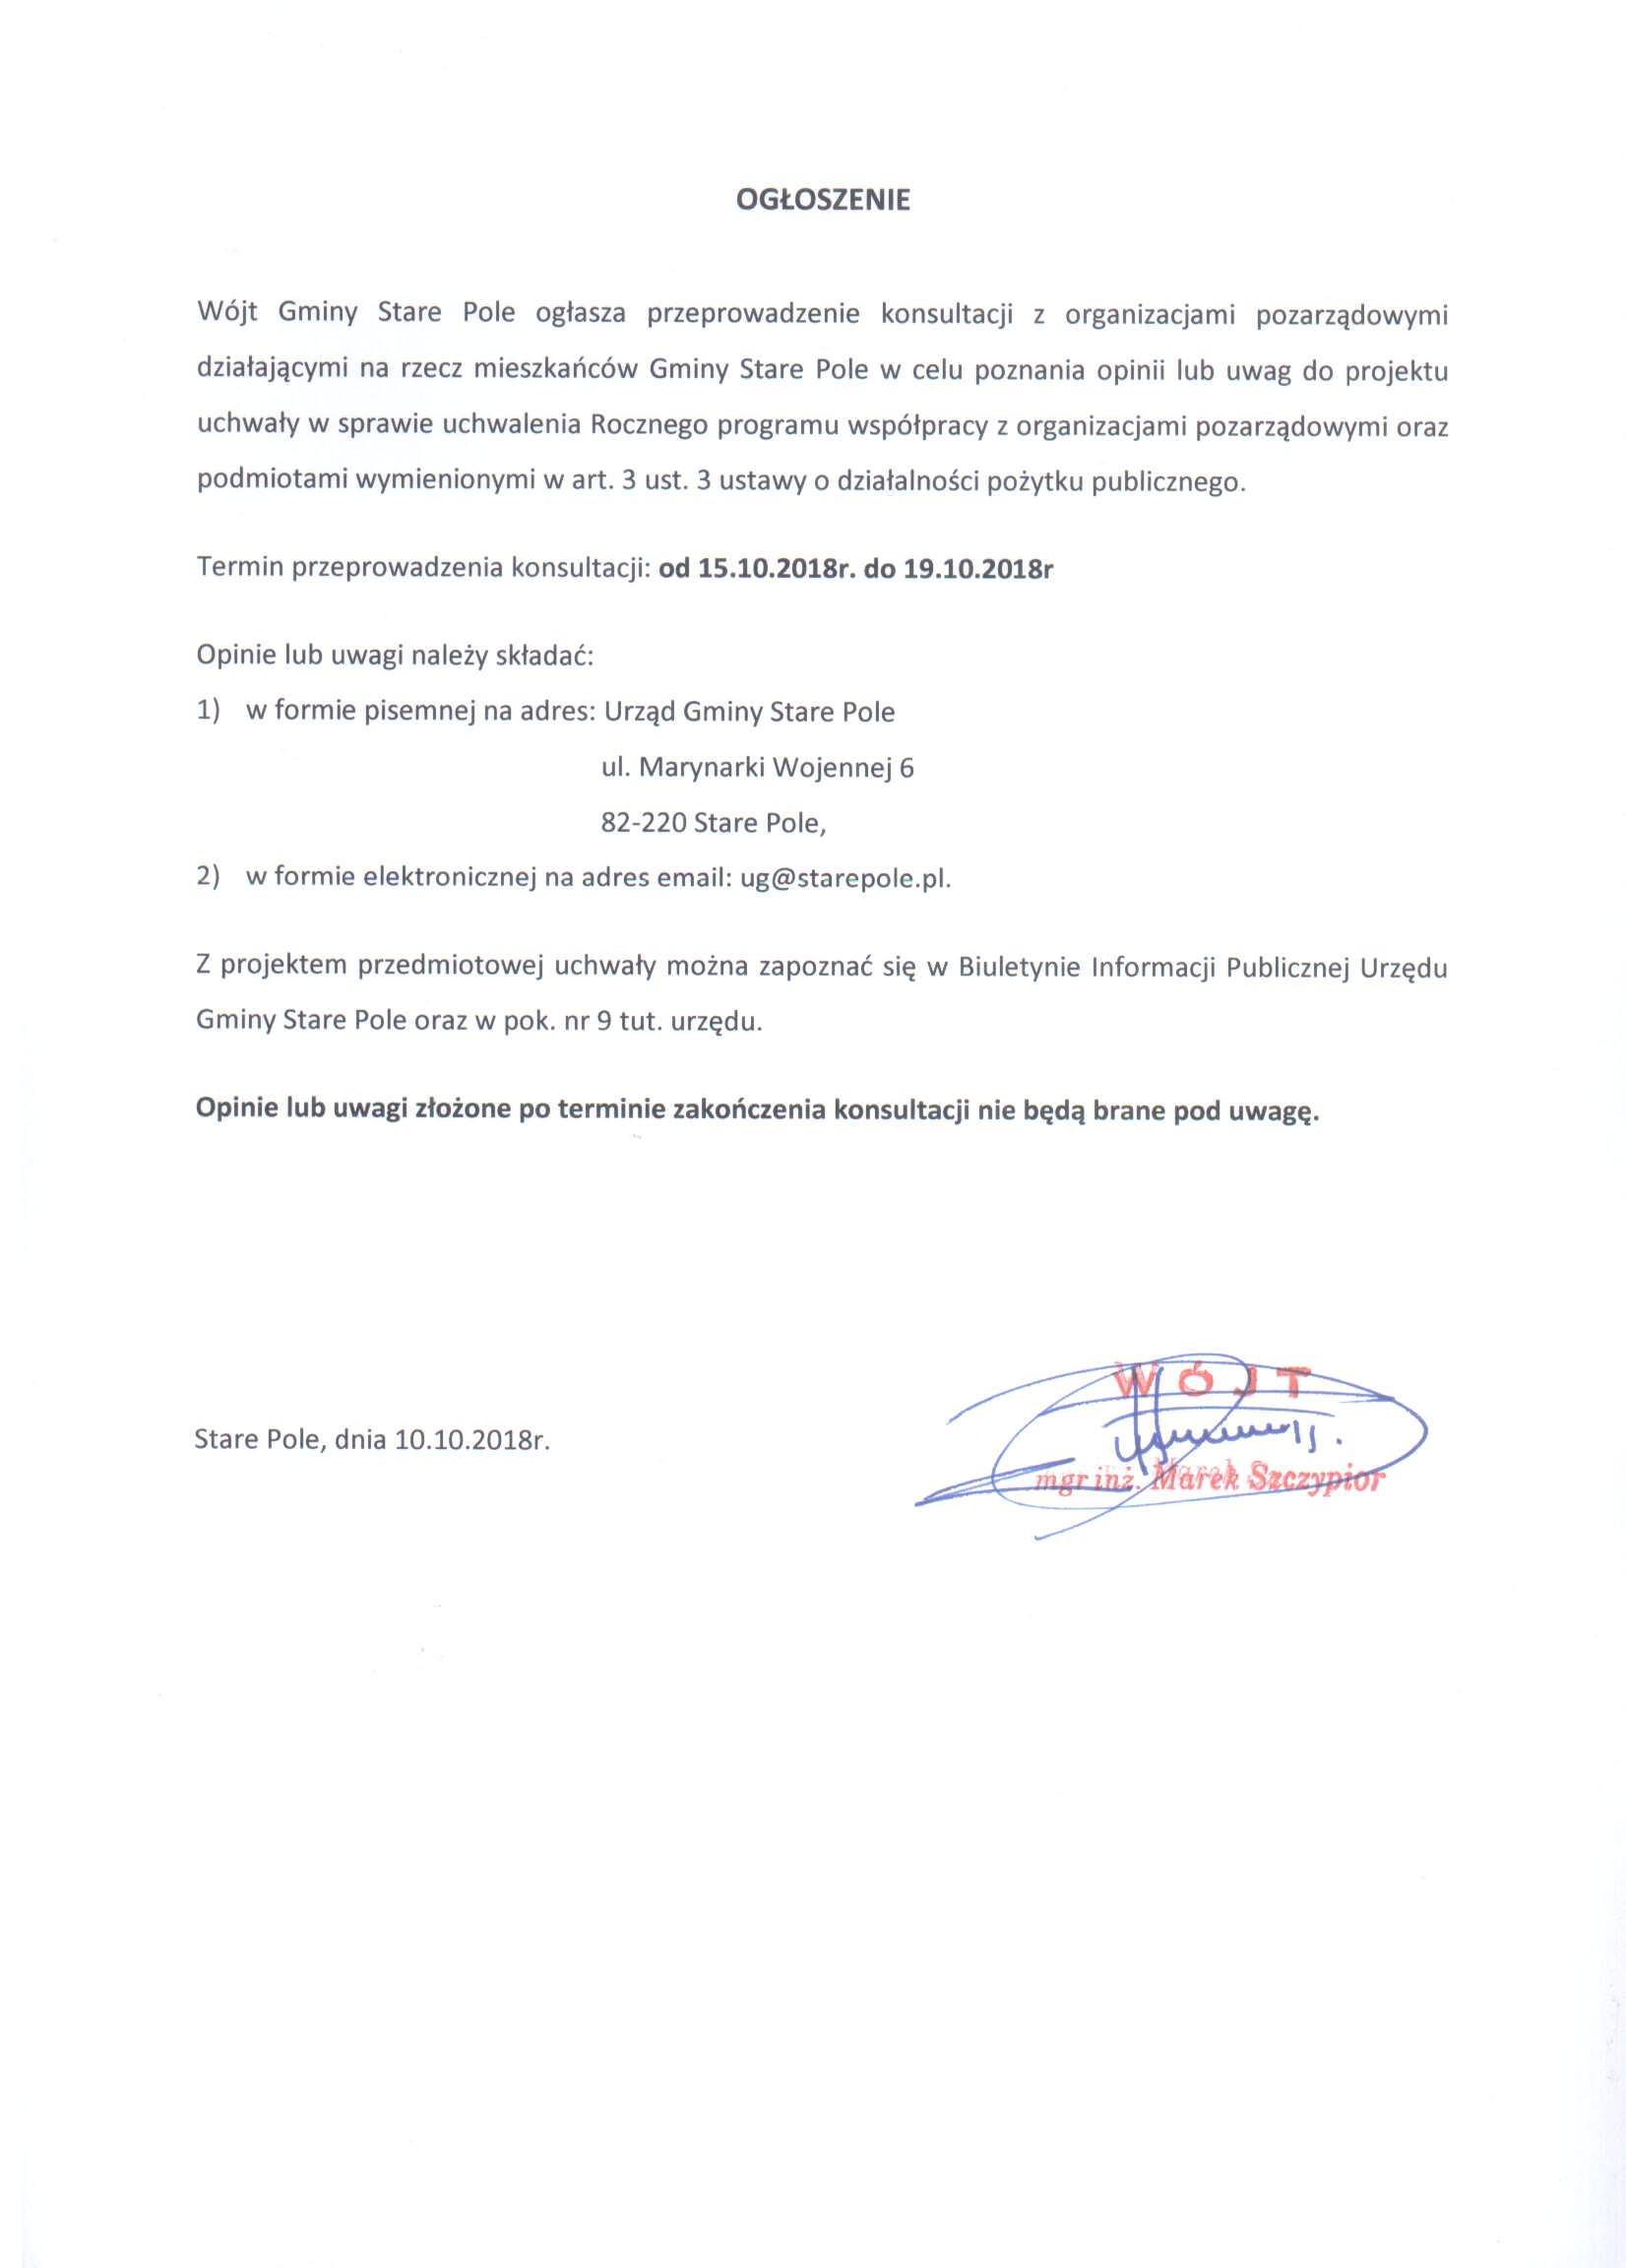 Ogłoszenie Wójta Gminy Stare Pole z dnia 10 października 2018 r.